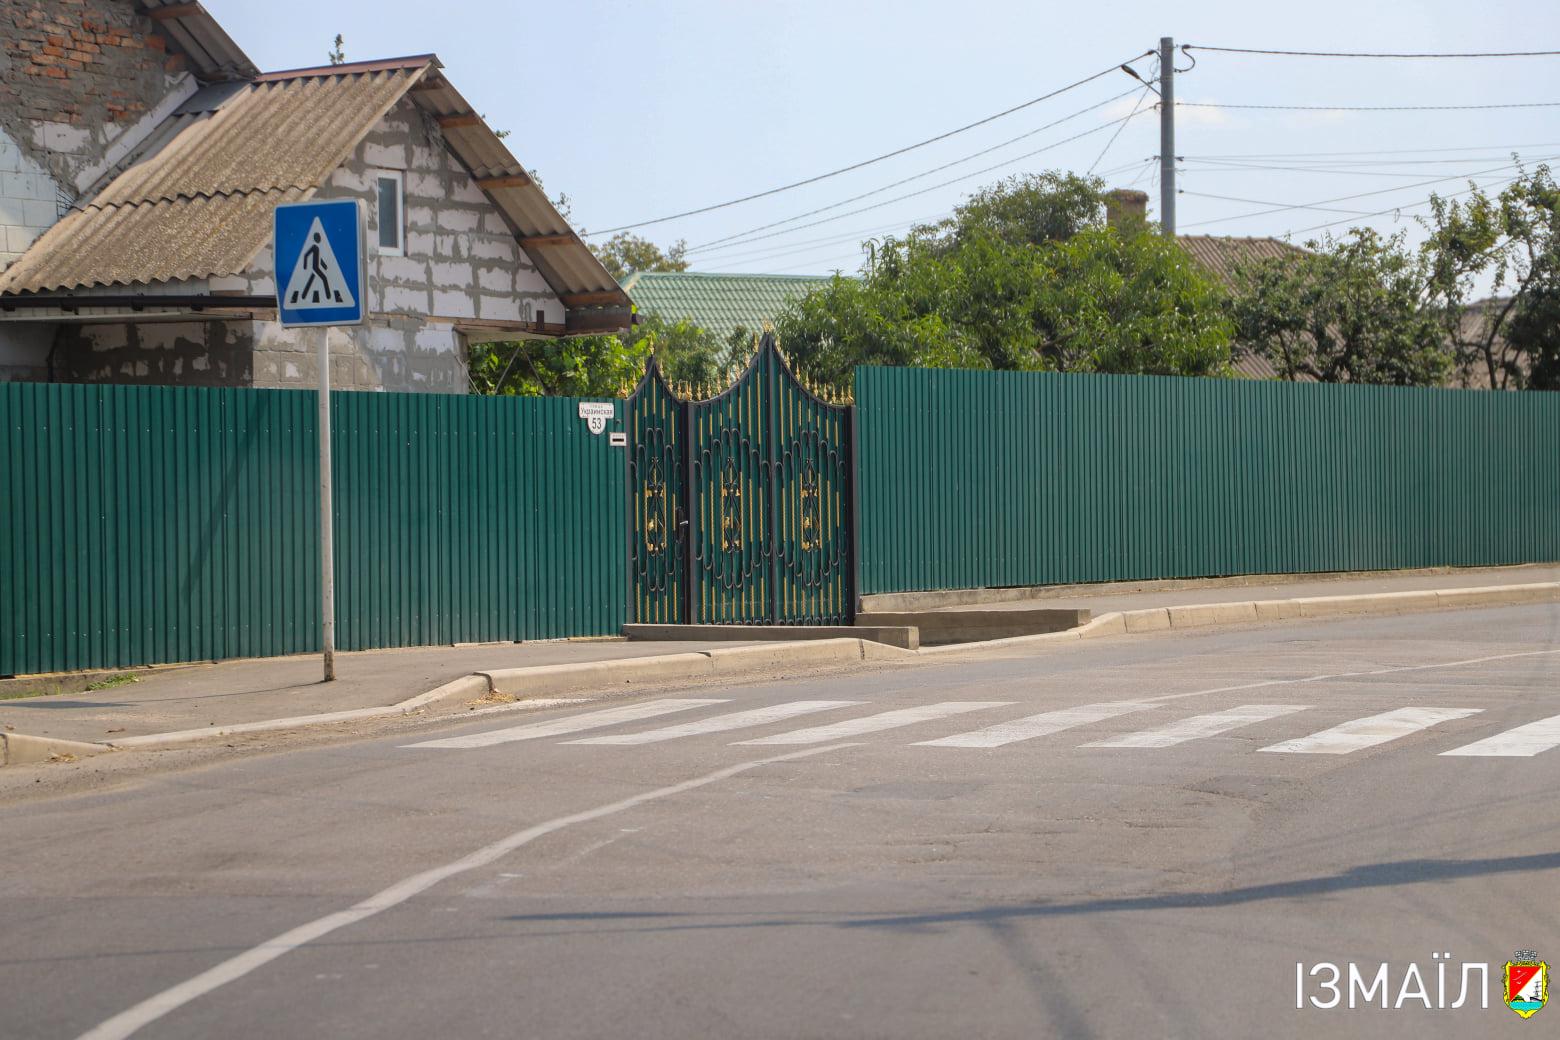 В Измаиле преображается не только центр: дорожники обновляют автомагистраль и тротуары на Ореховой балке (фото)